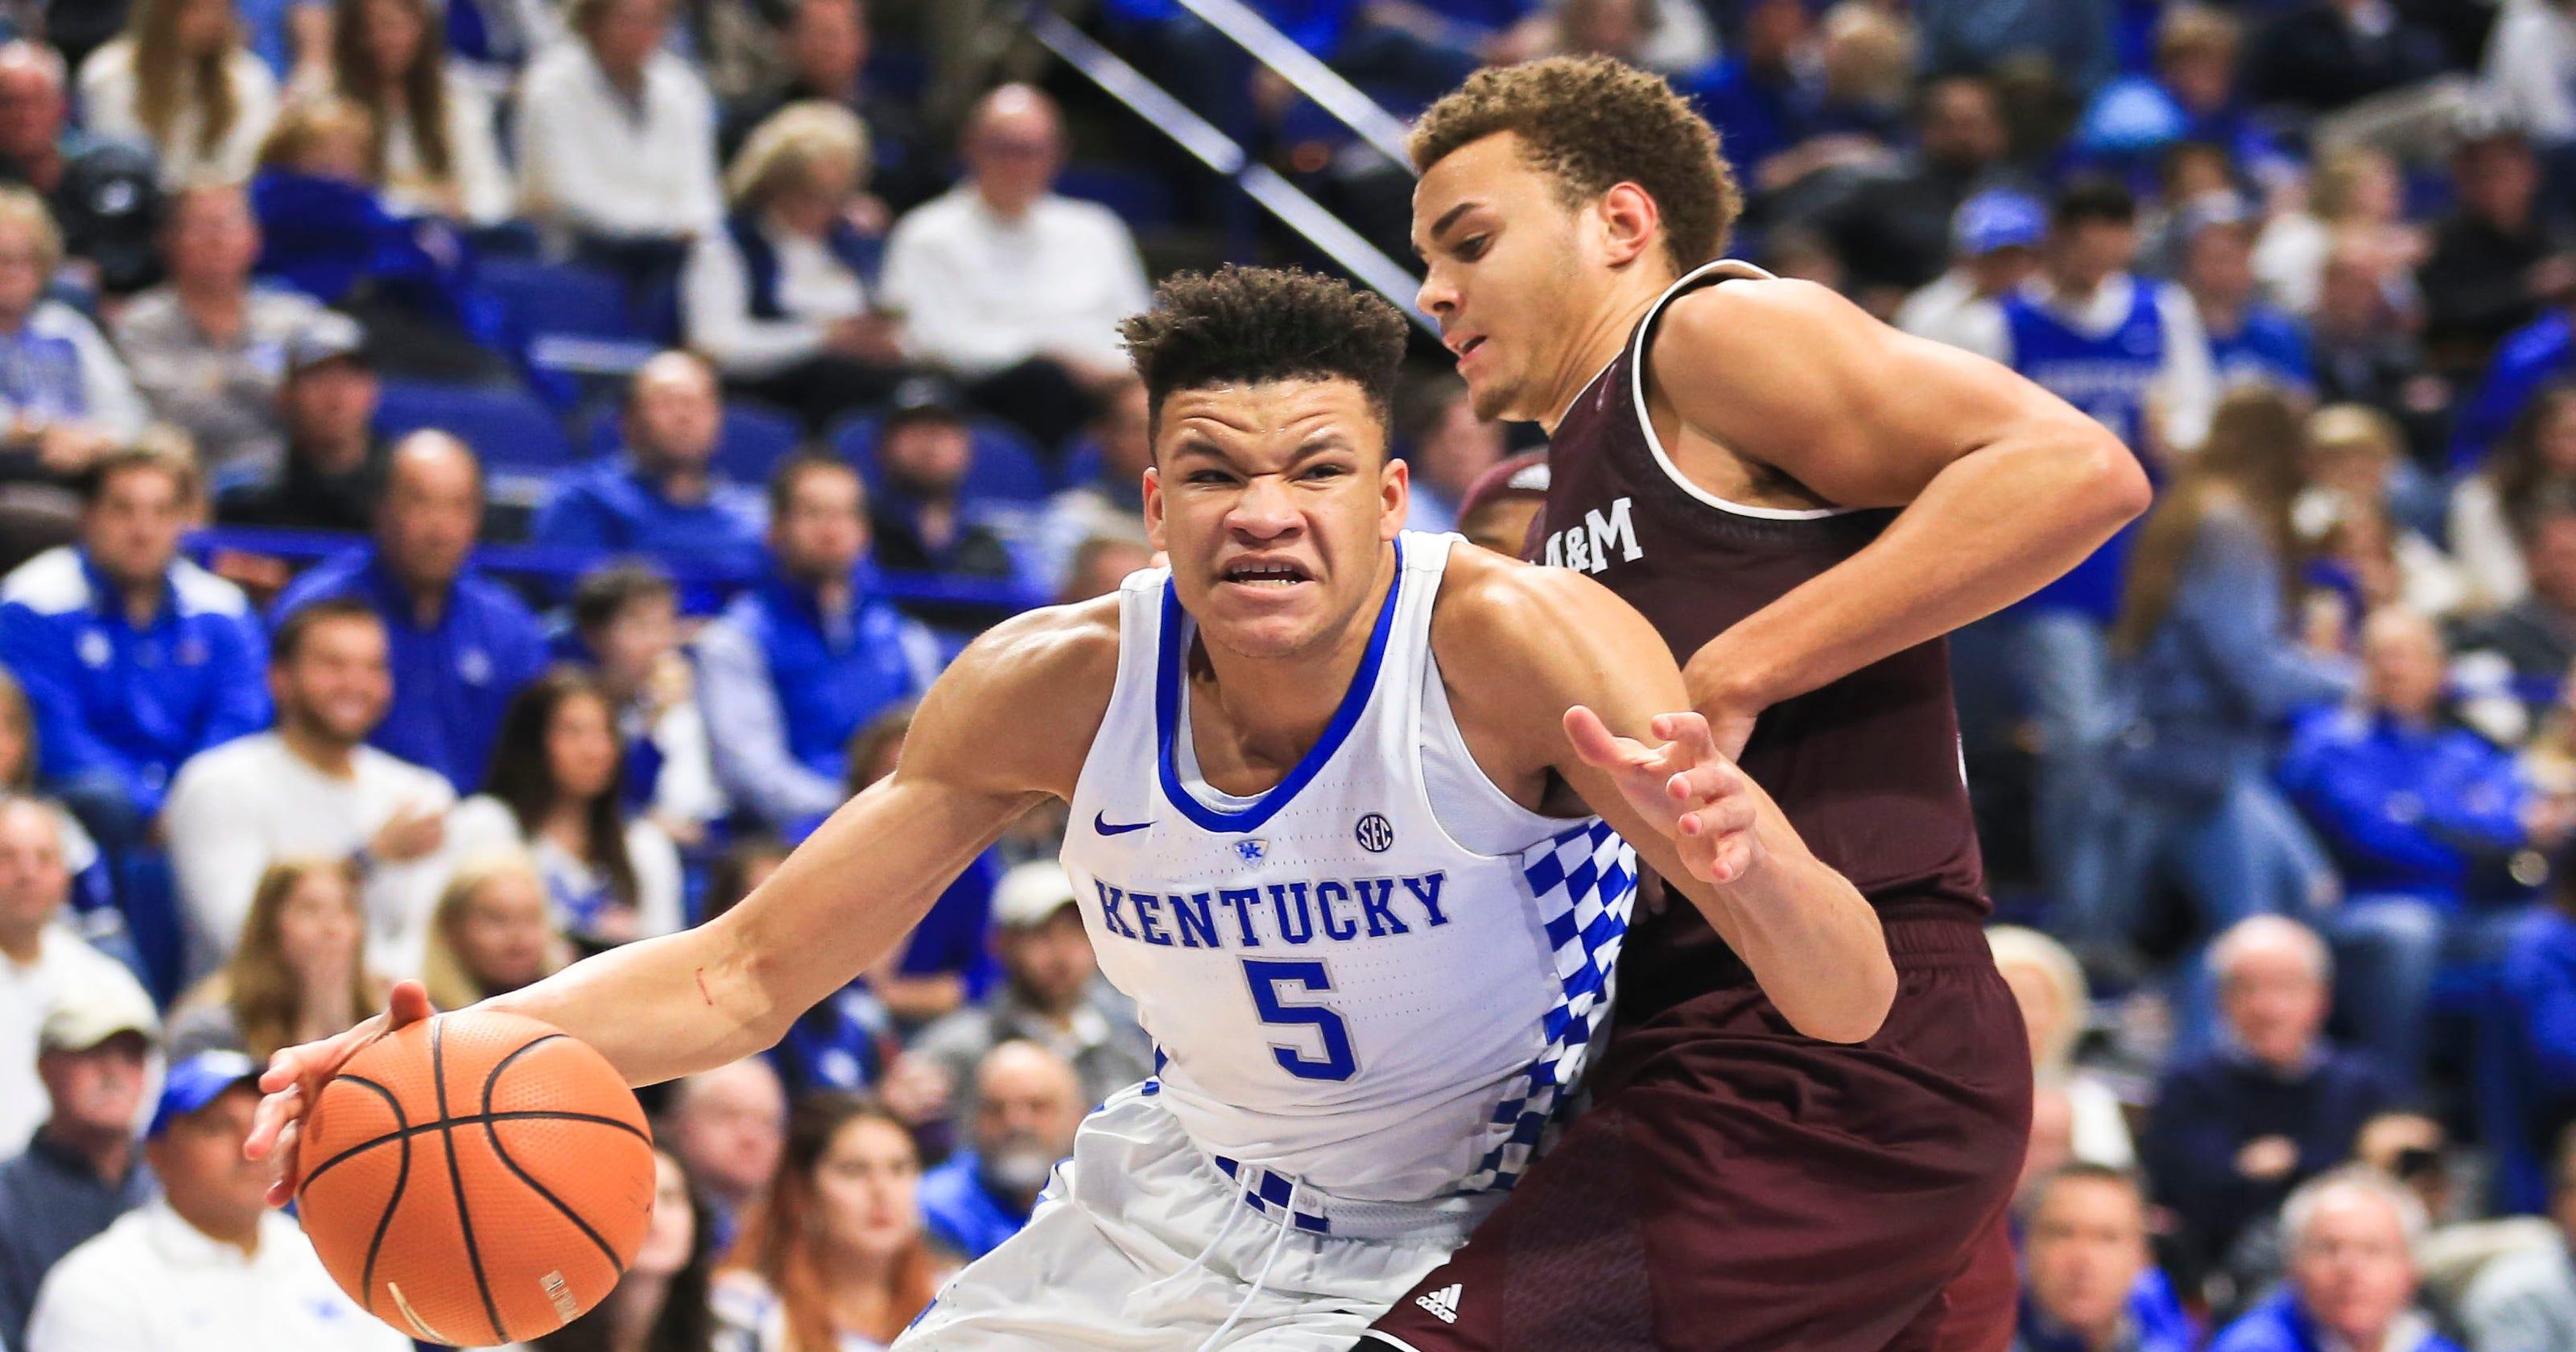 d118cb50365 3 questions facing Kentucky basketball going into matchup at Vanderbilt